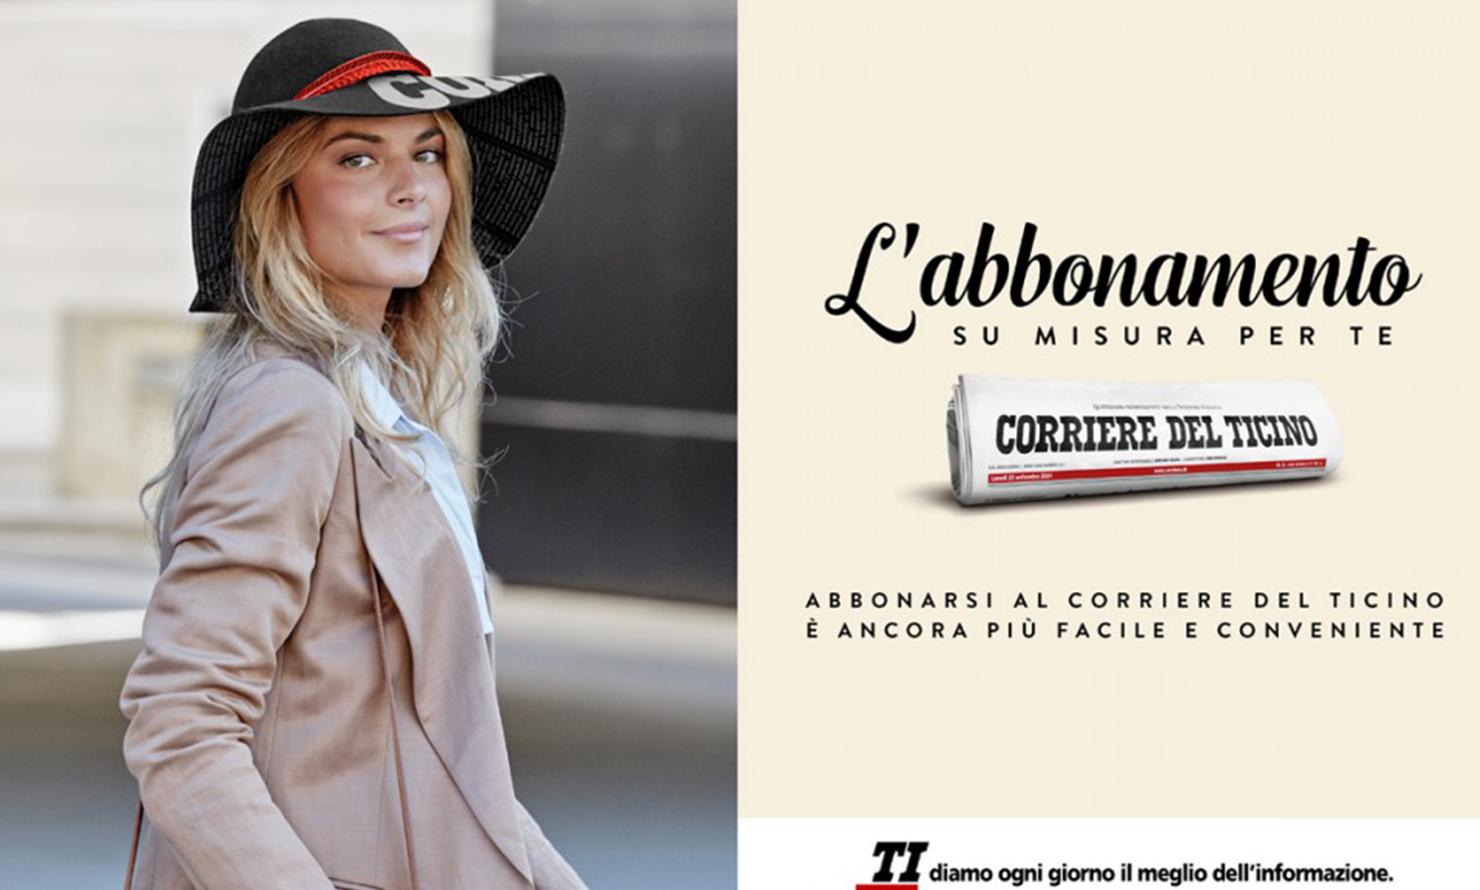 https://www.kubelibre.com/uploads/Slider-work-tutti-clienti/corriere-del-ticino-l-abbonamento-su-misura-per-te-1.jpg